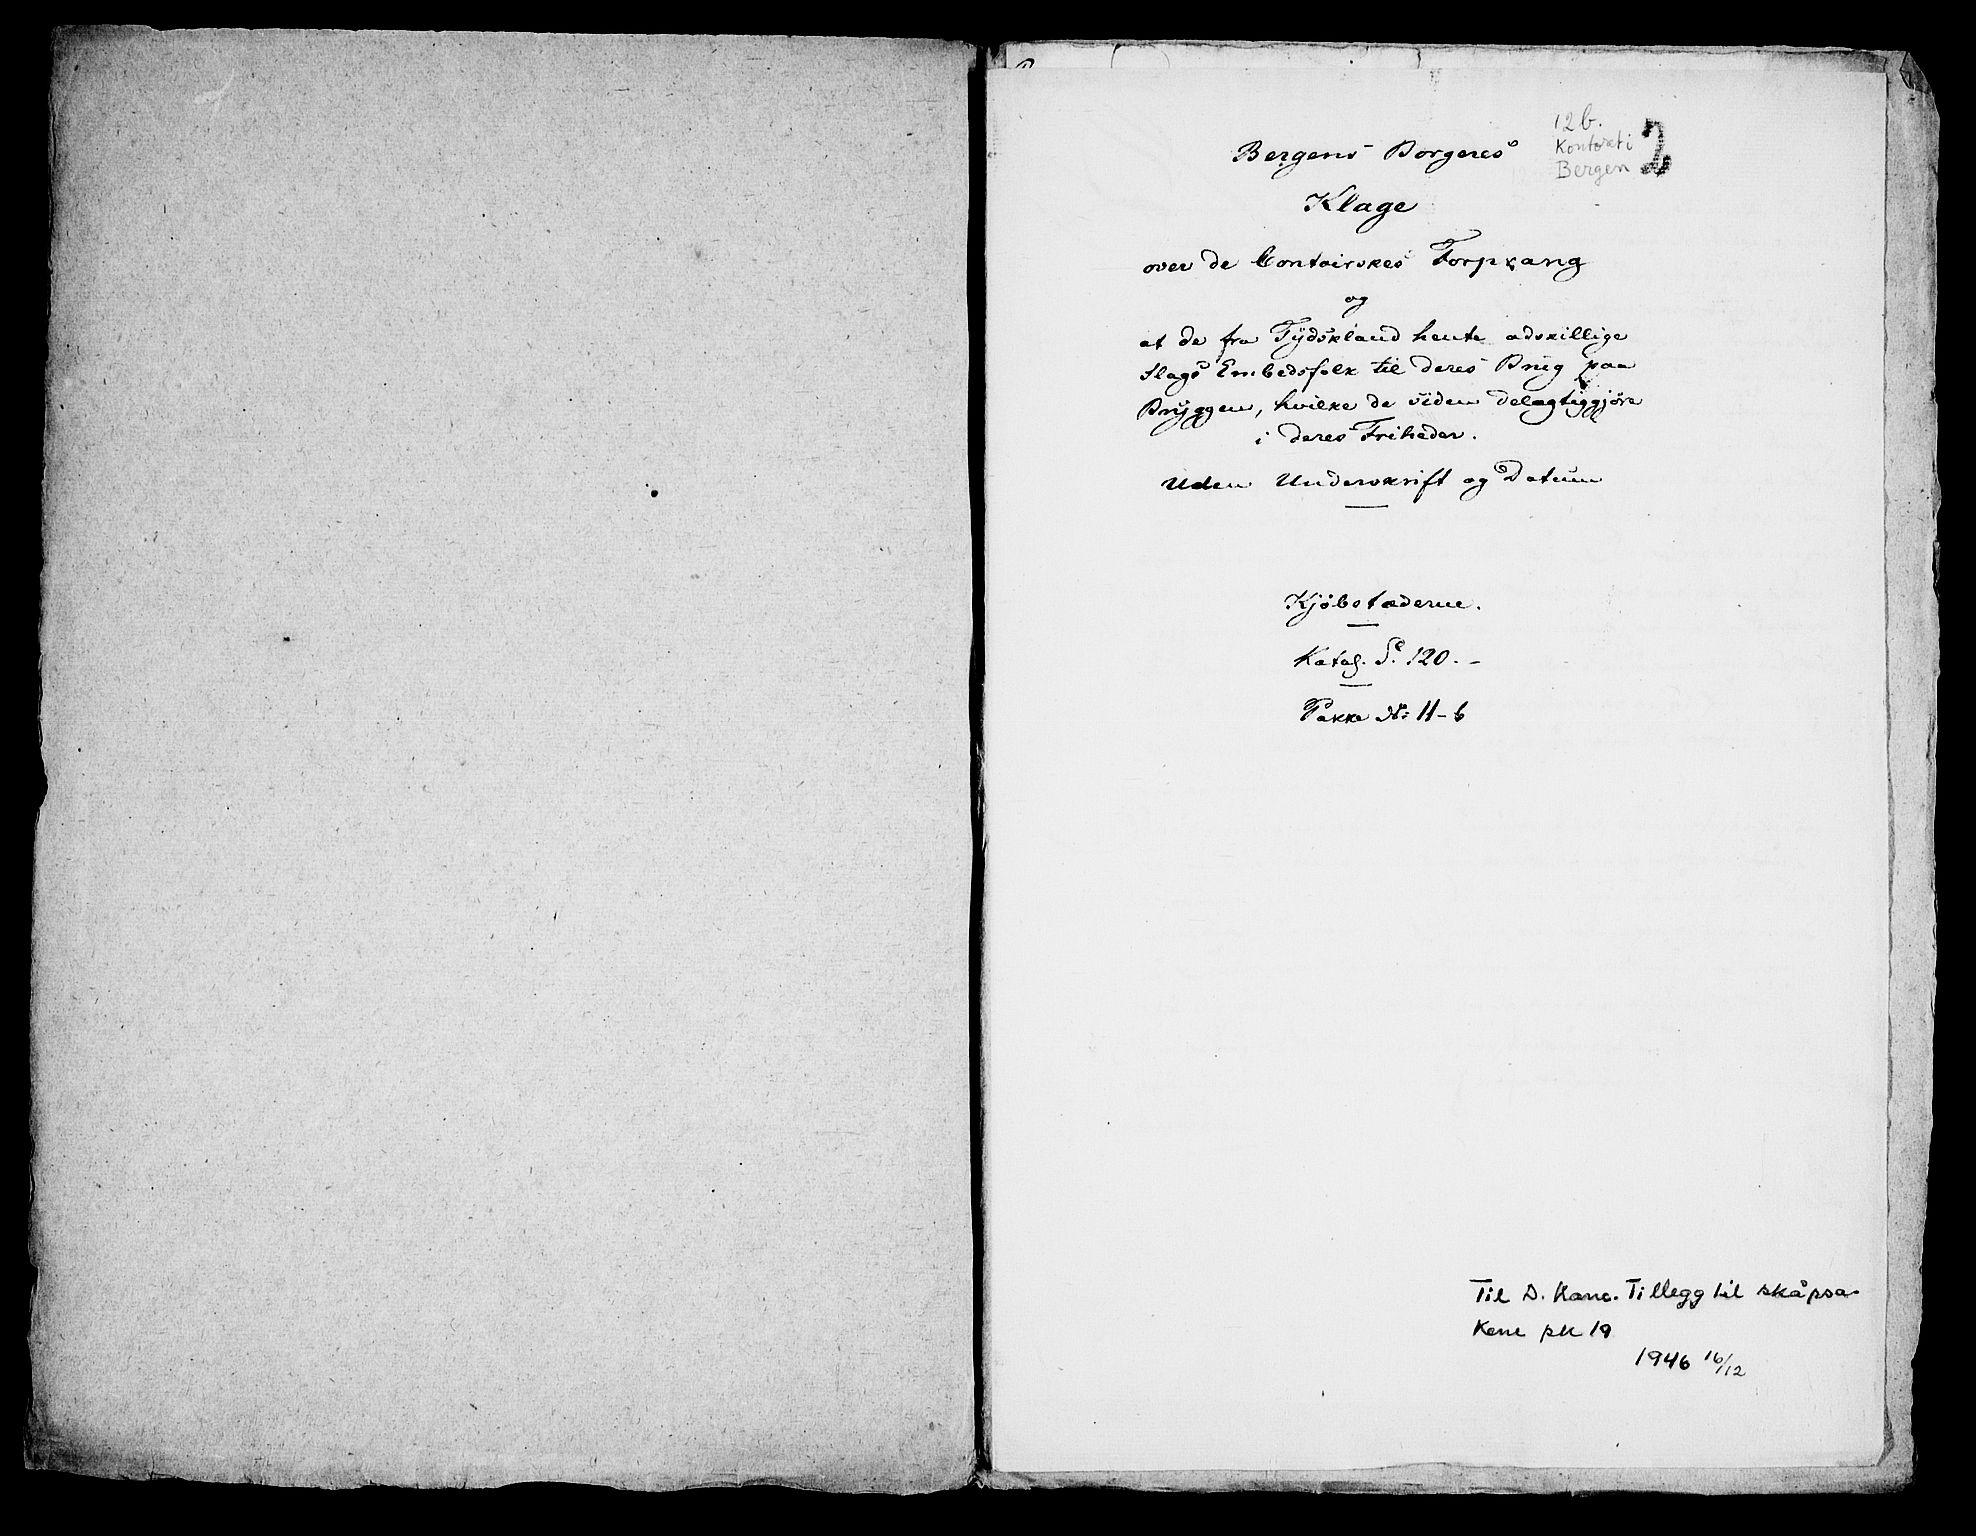 RA, Danske Kanselli, Skapsaker, G/L0019: Tillegg til skapsakene, 1616-1753, p. 47